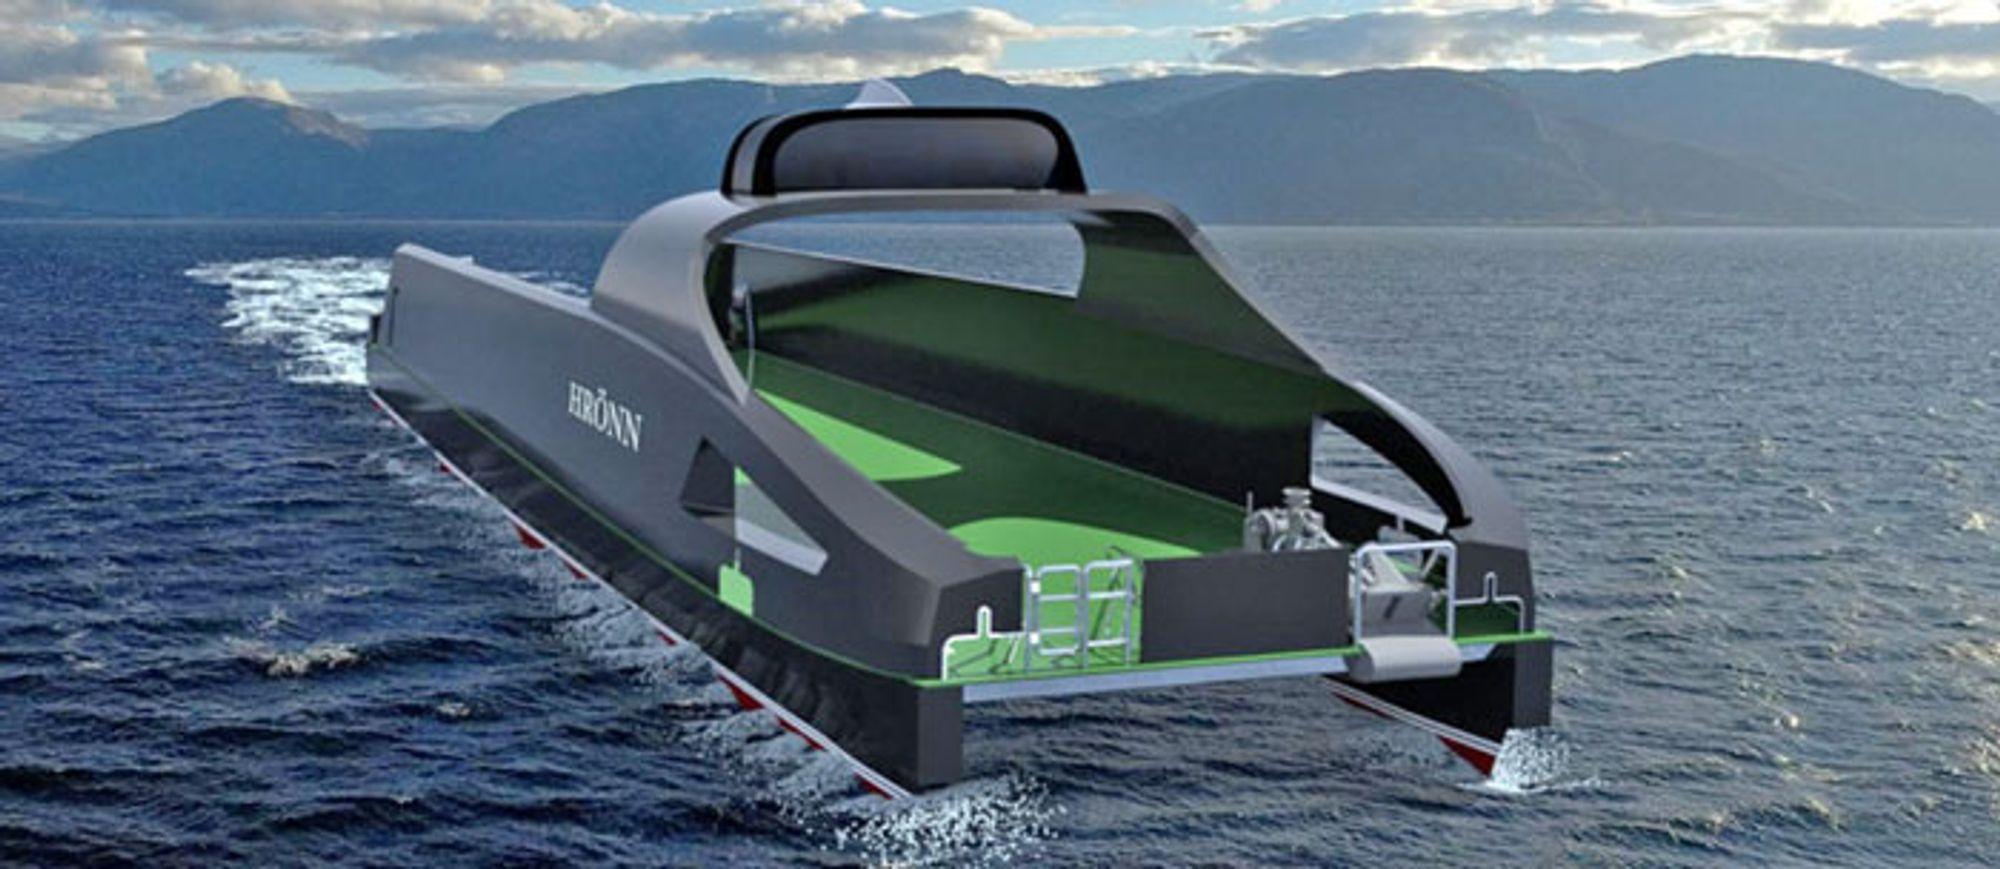 Første fullskala autonomt fartøy skal bygges ved Fjellstrand og testes i Trondheimsfjorden.